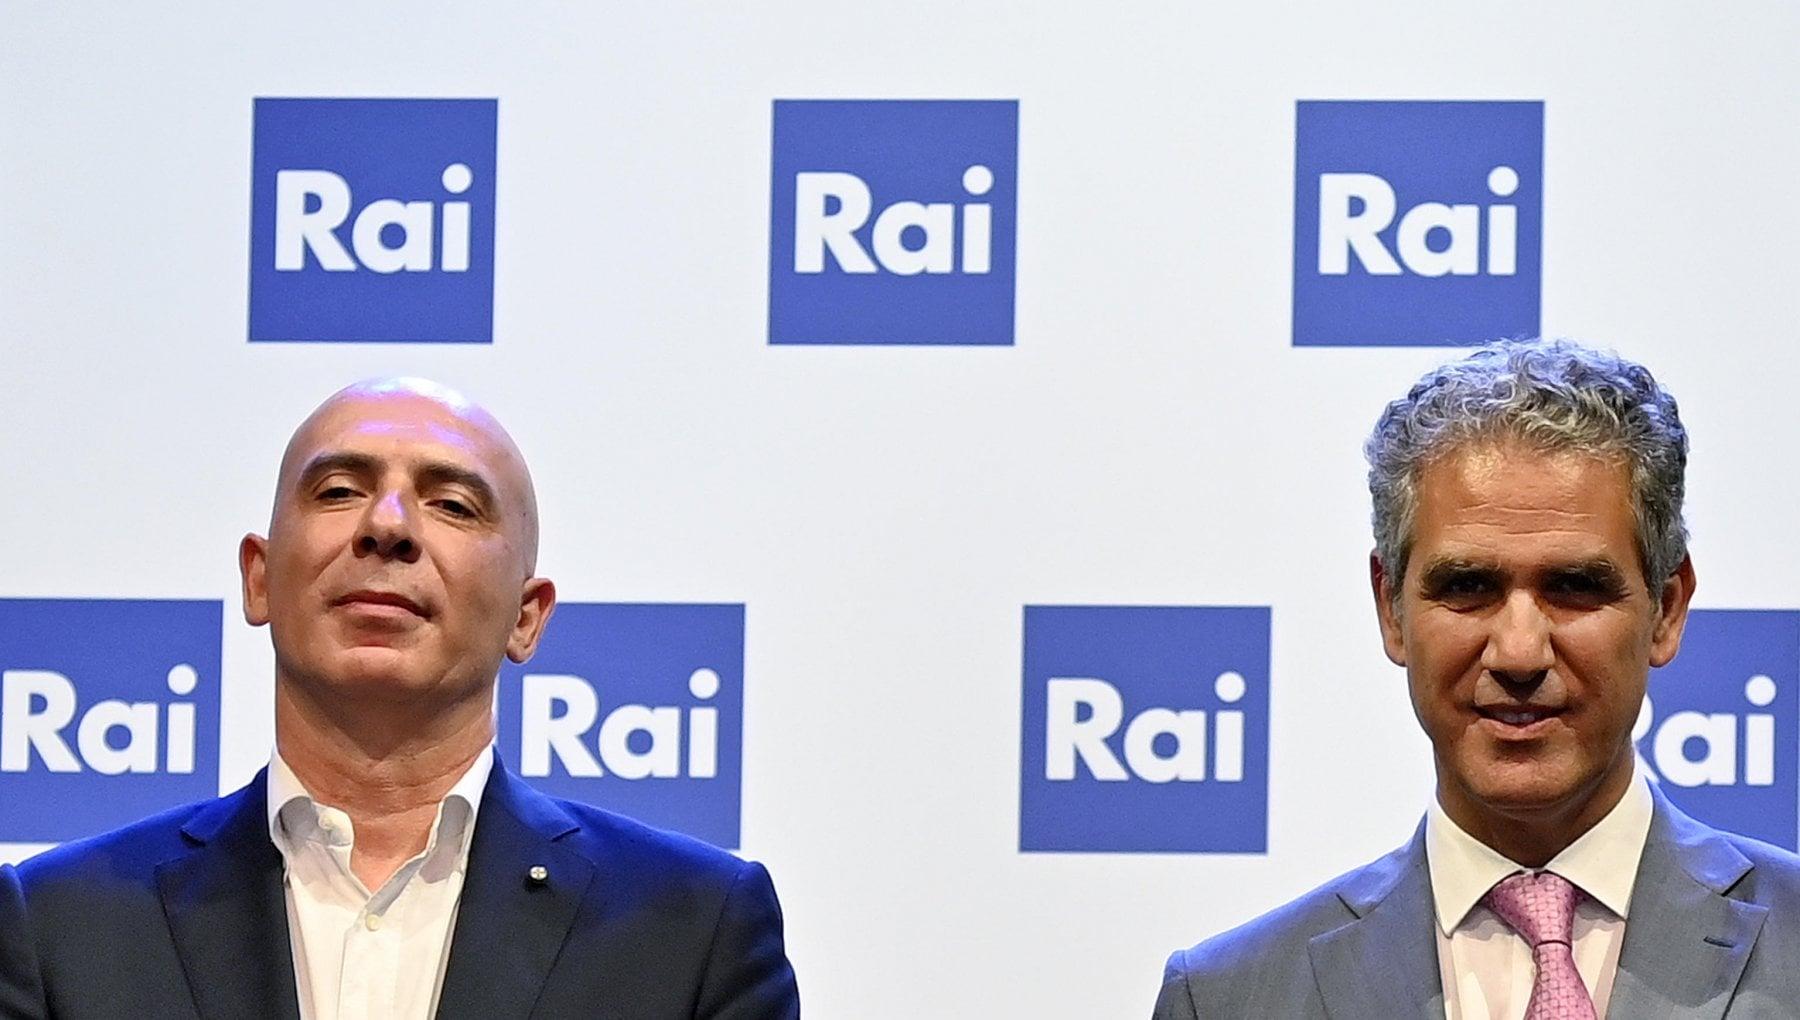 Rai Pd Salini spieghi la nomina di uno dei dirigenti coinvolti in Vallettopoli